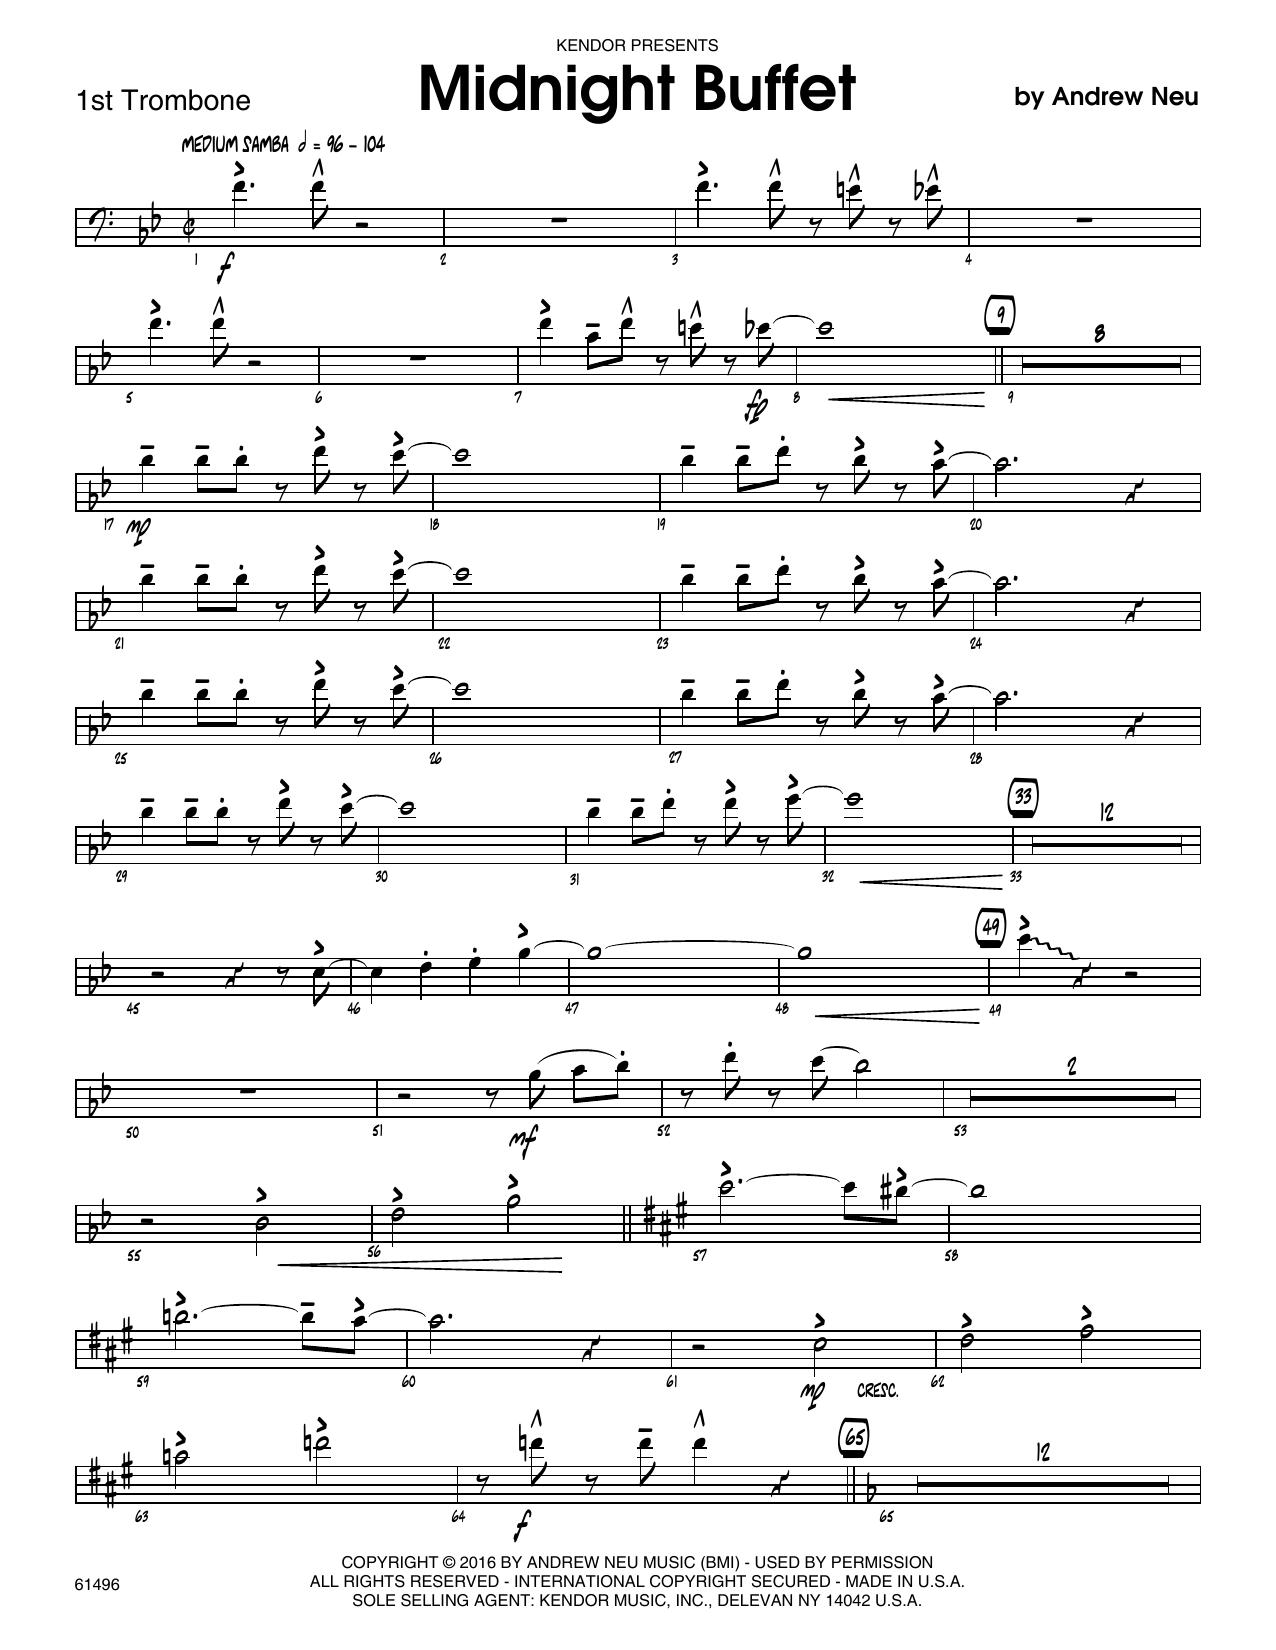 Midnight Buffet - 1st Trombone Sheet Music